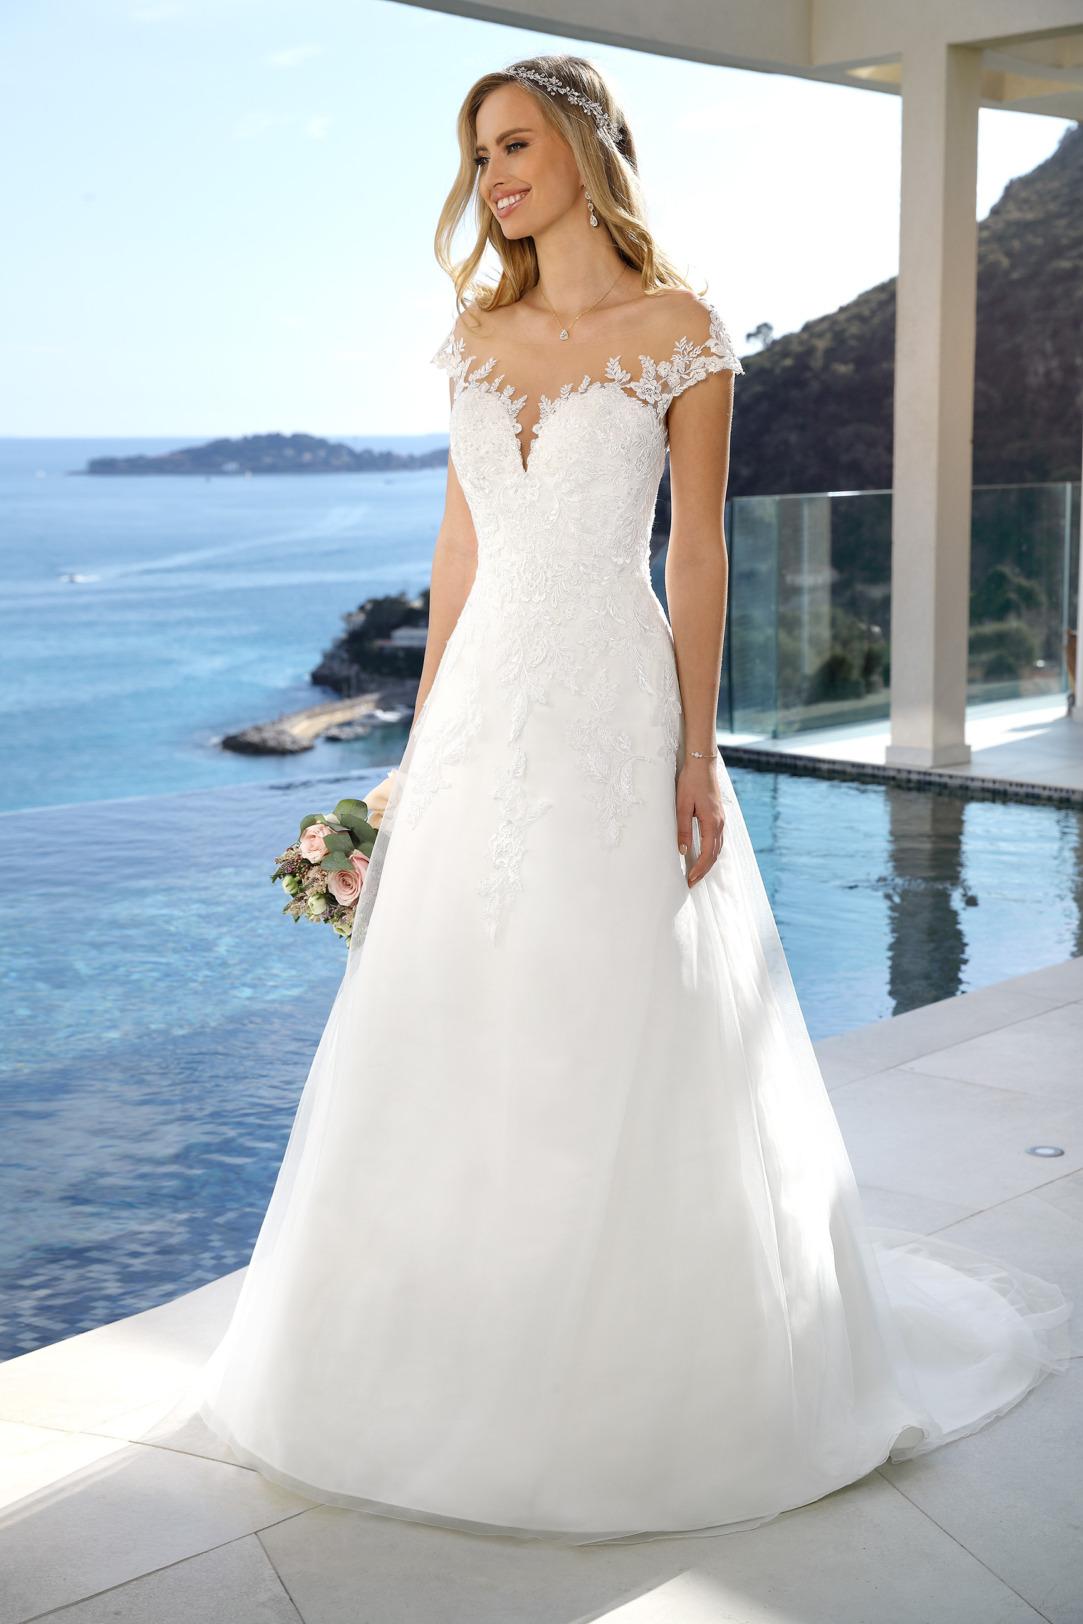 Brautkleid Hochzeitskleid in klassischer A Linie von Ladybird Modell 421014 mit Spitze besetzter Carmen Ausschnitt